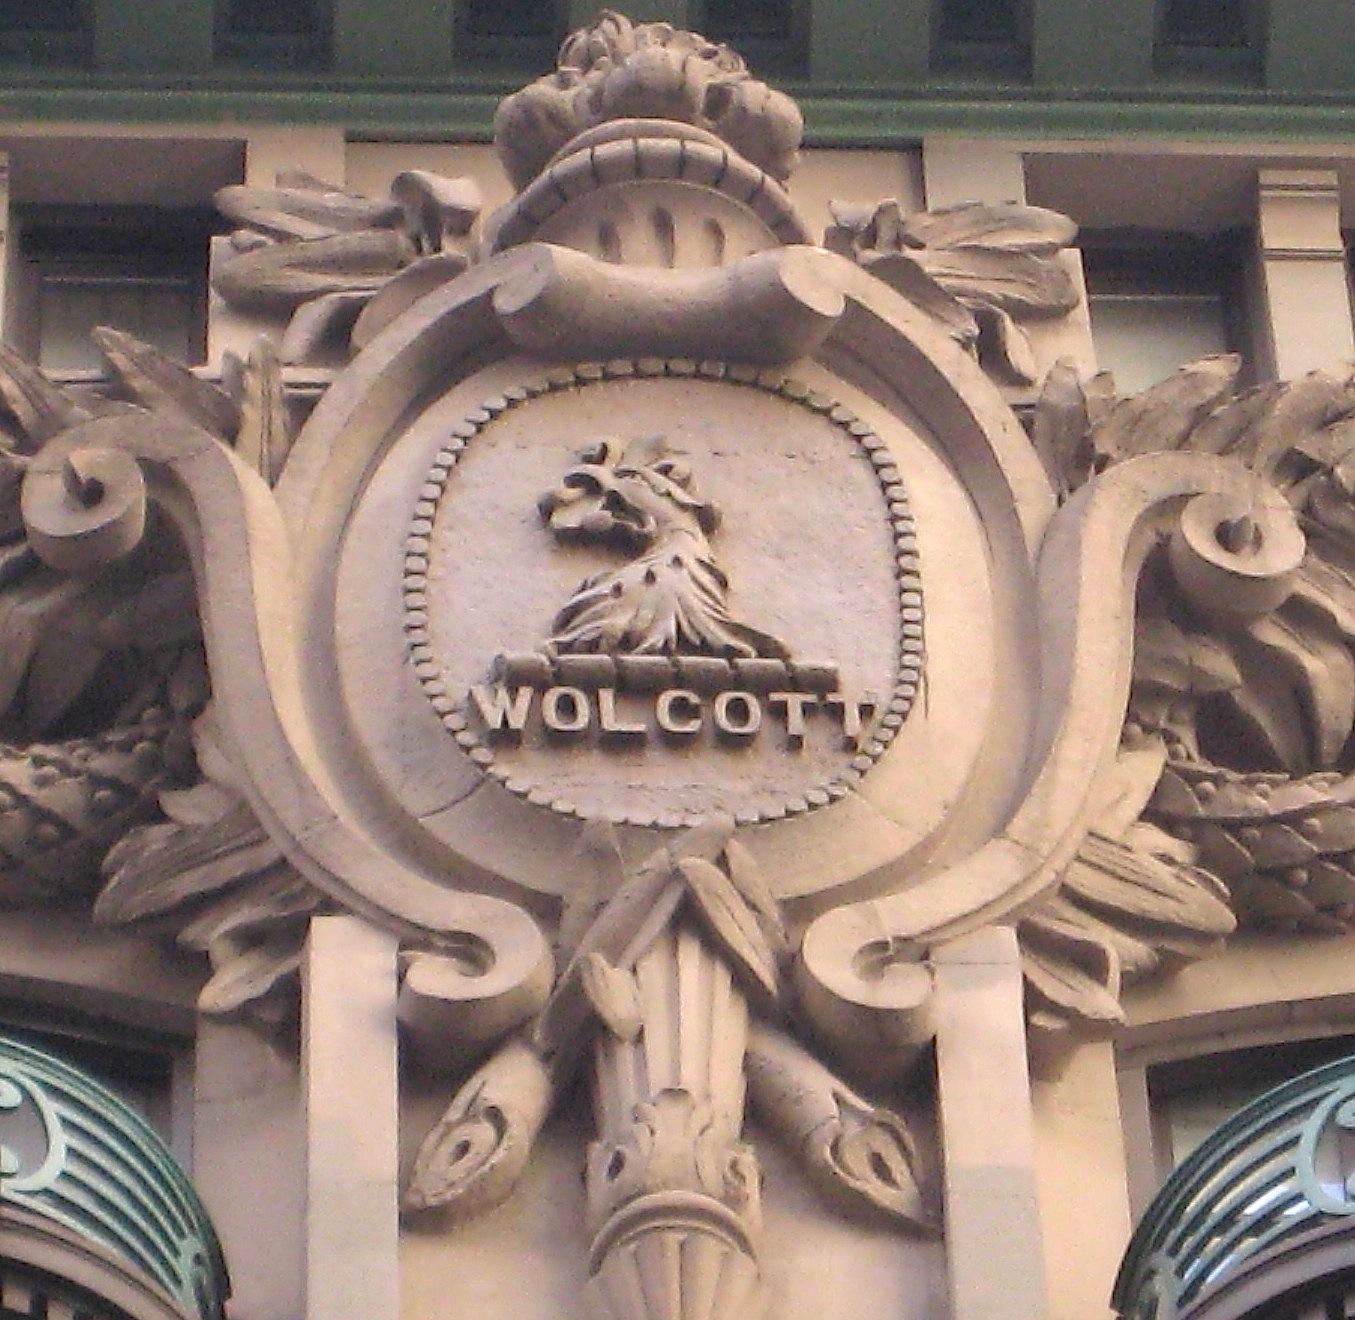 From. Hotel Wolcott   Ephemeral New York